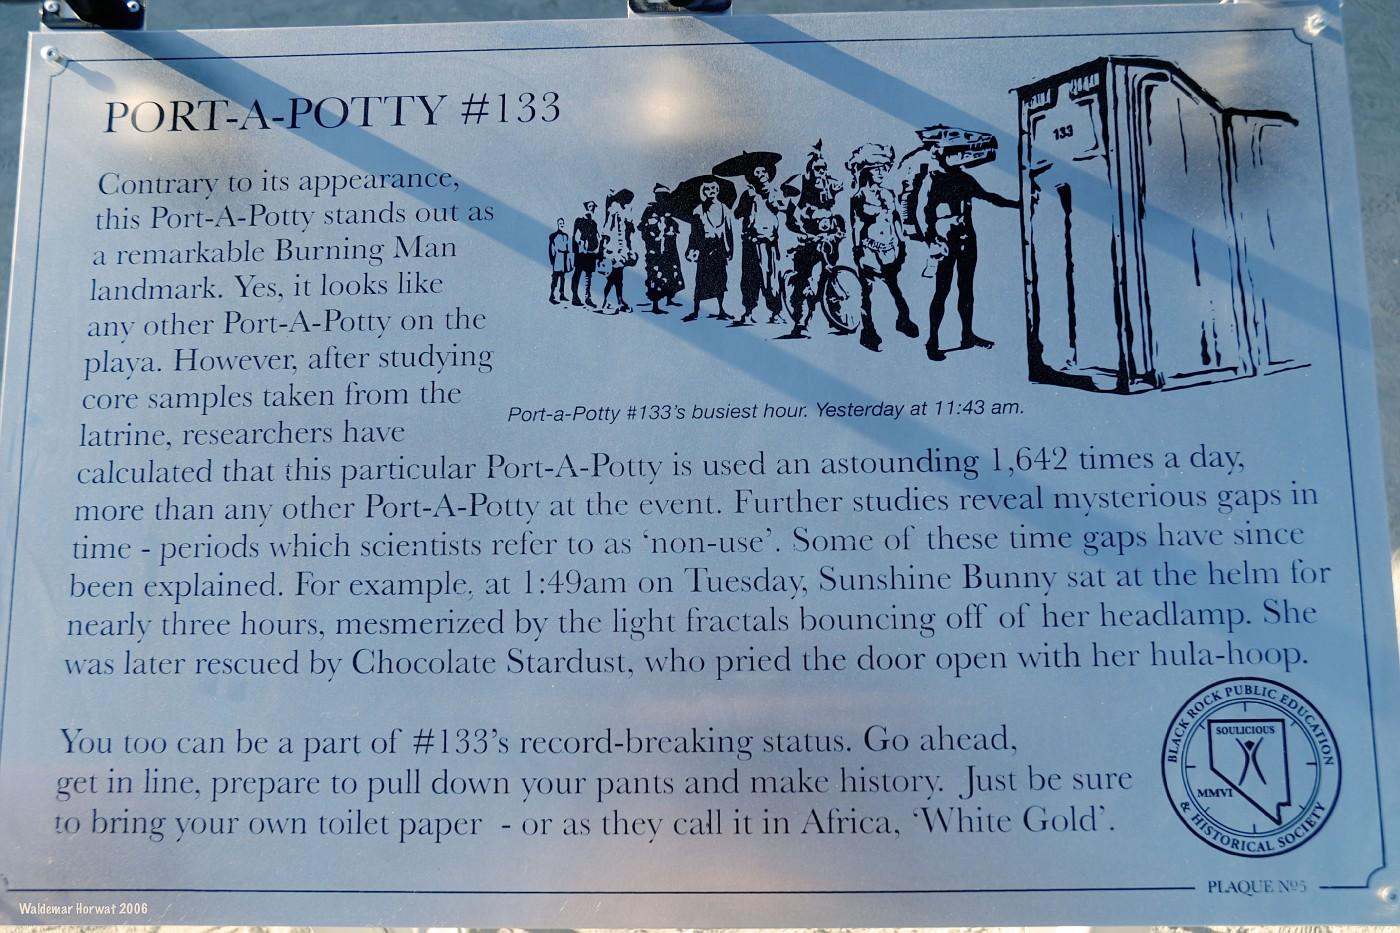 Port-a-Potty #133